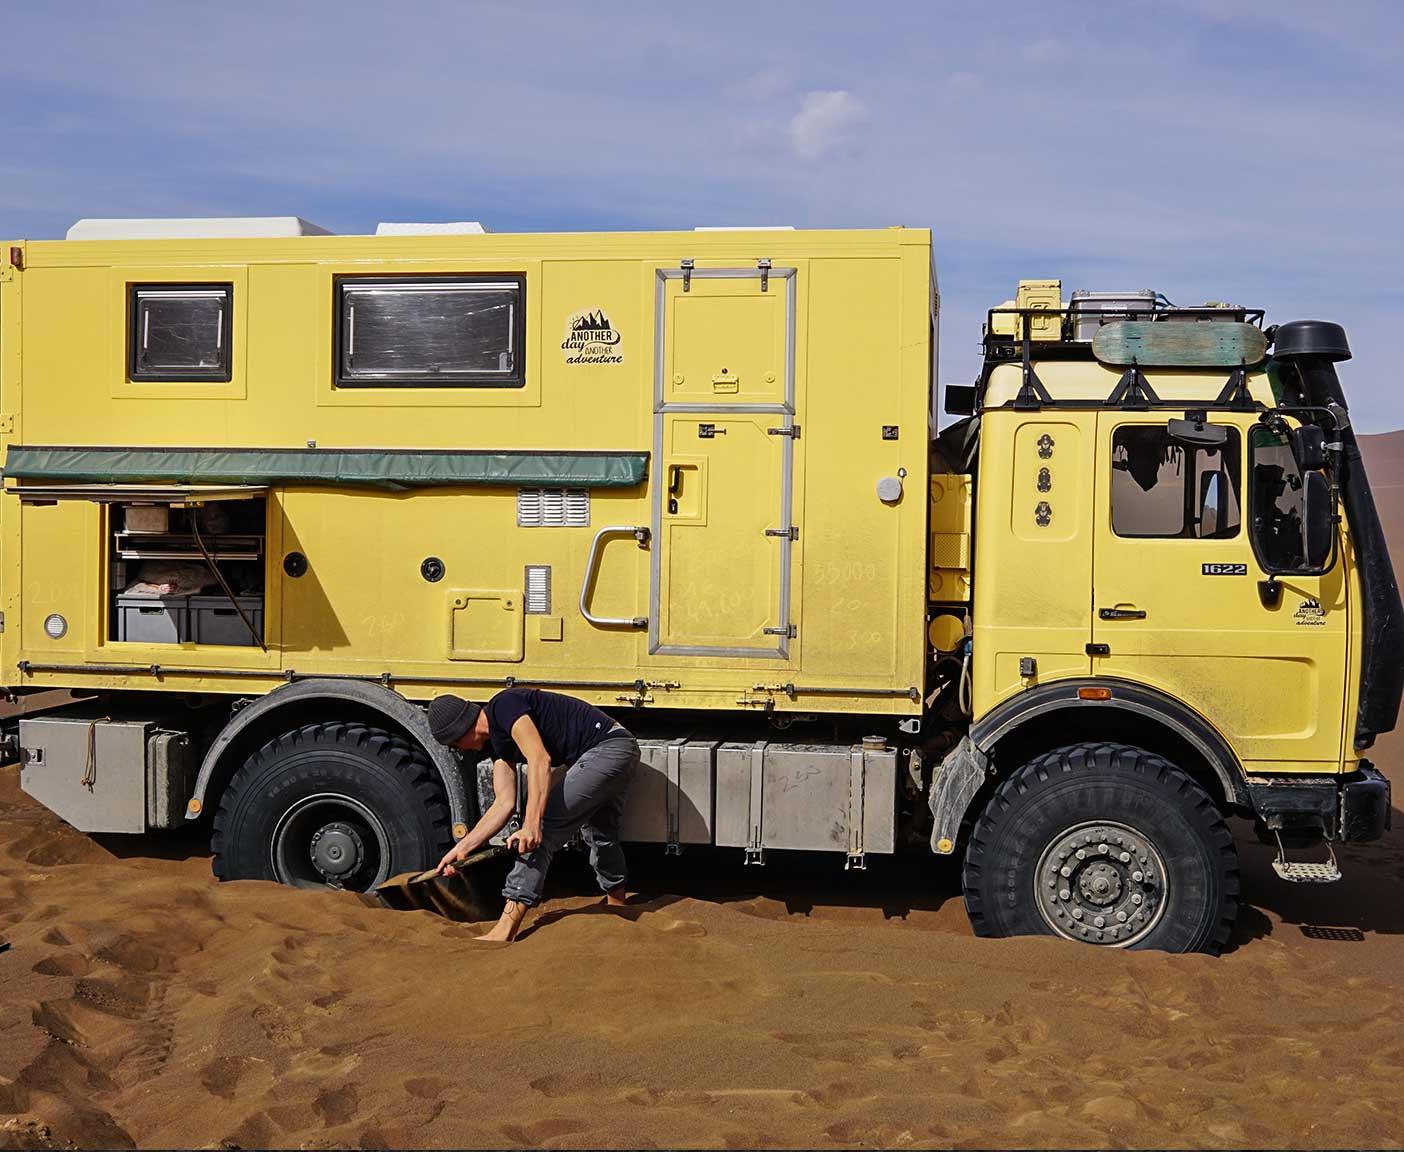 mercedes-1622-benz1017-expeditionsmobil-gebraucht-hersteller-mieten-4x4-zu-verkaufen-weltreise-expeditionsmobil-16